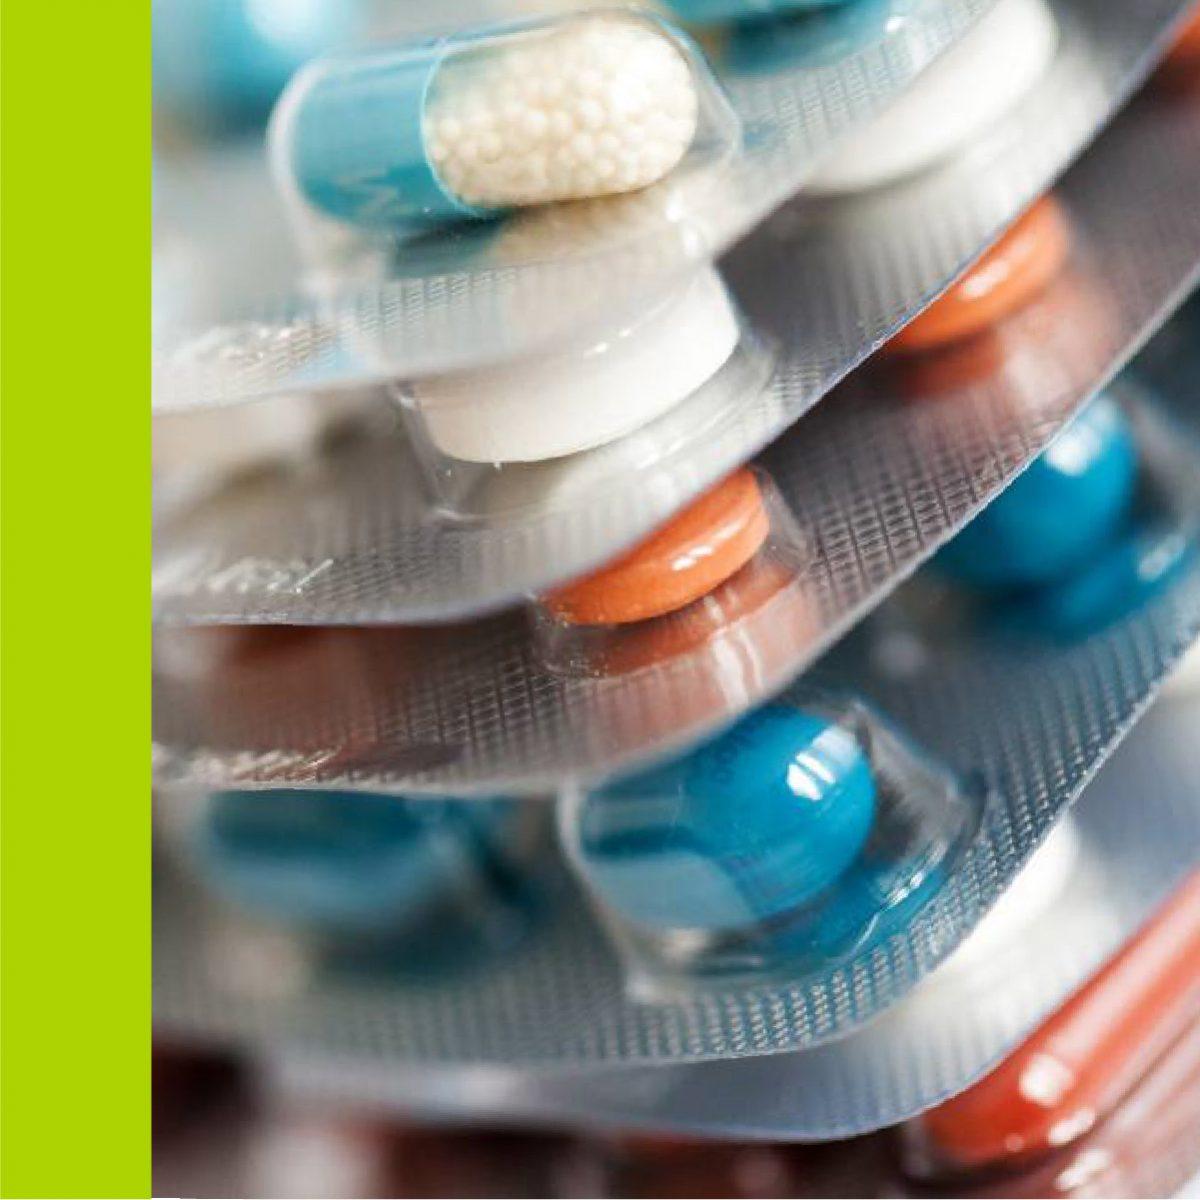 https://farmaciaortopedialosarcos.com/wp-content/uploads/2019/05/CONTENIDO-SECCIONES-01-07-1200x1200.jpg